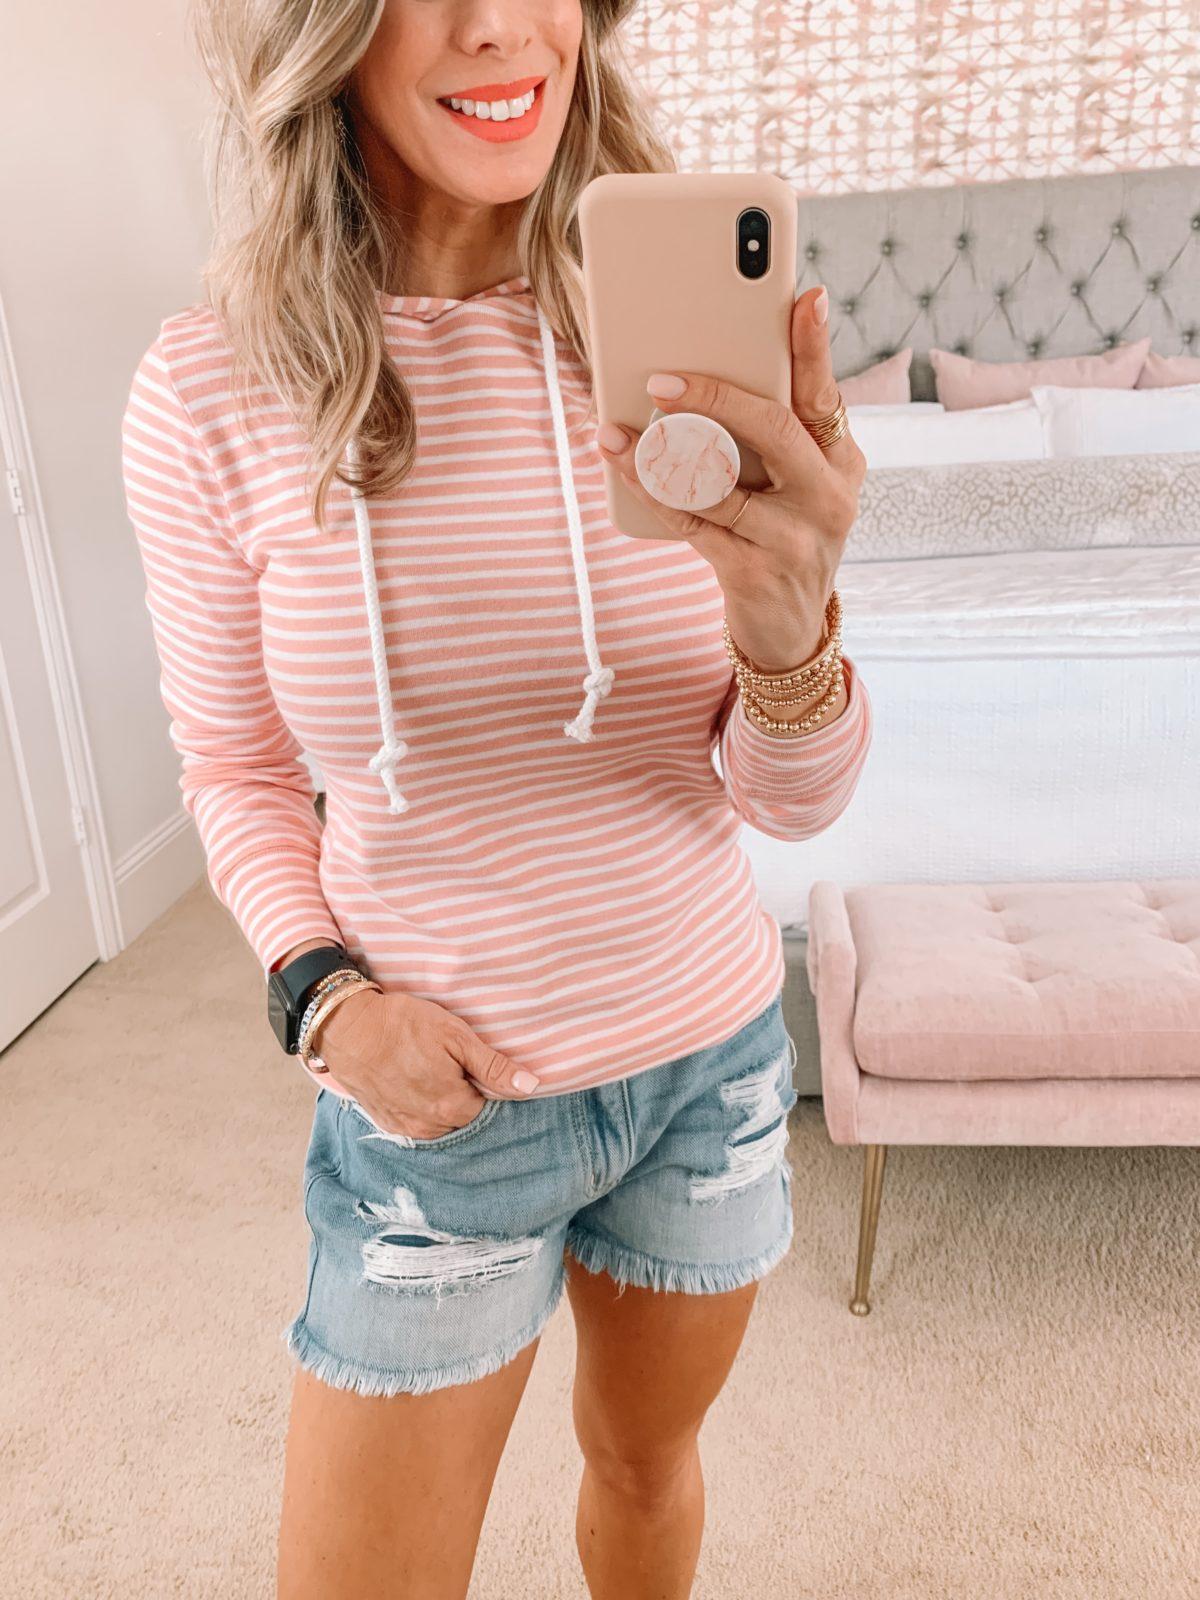 Dressing Room Finds, Stripe Pullover, Shorts, Sandals